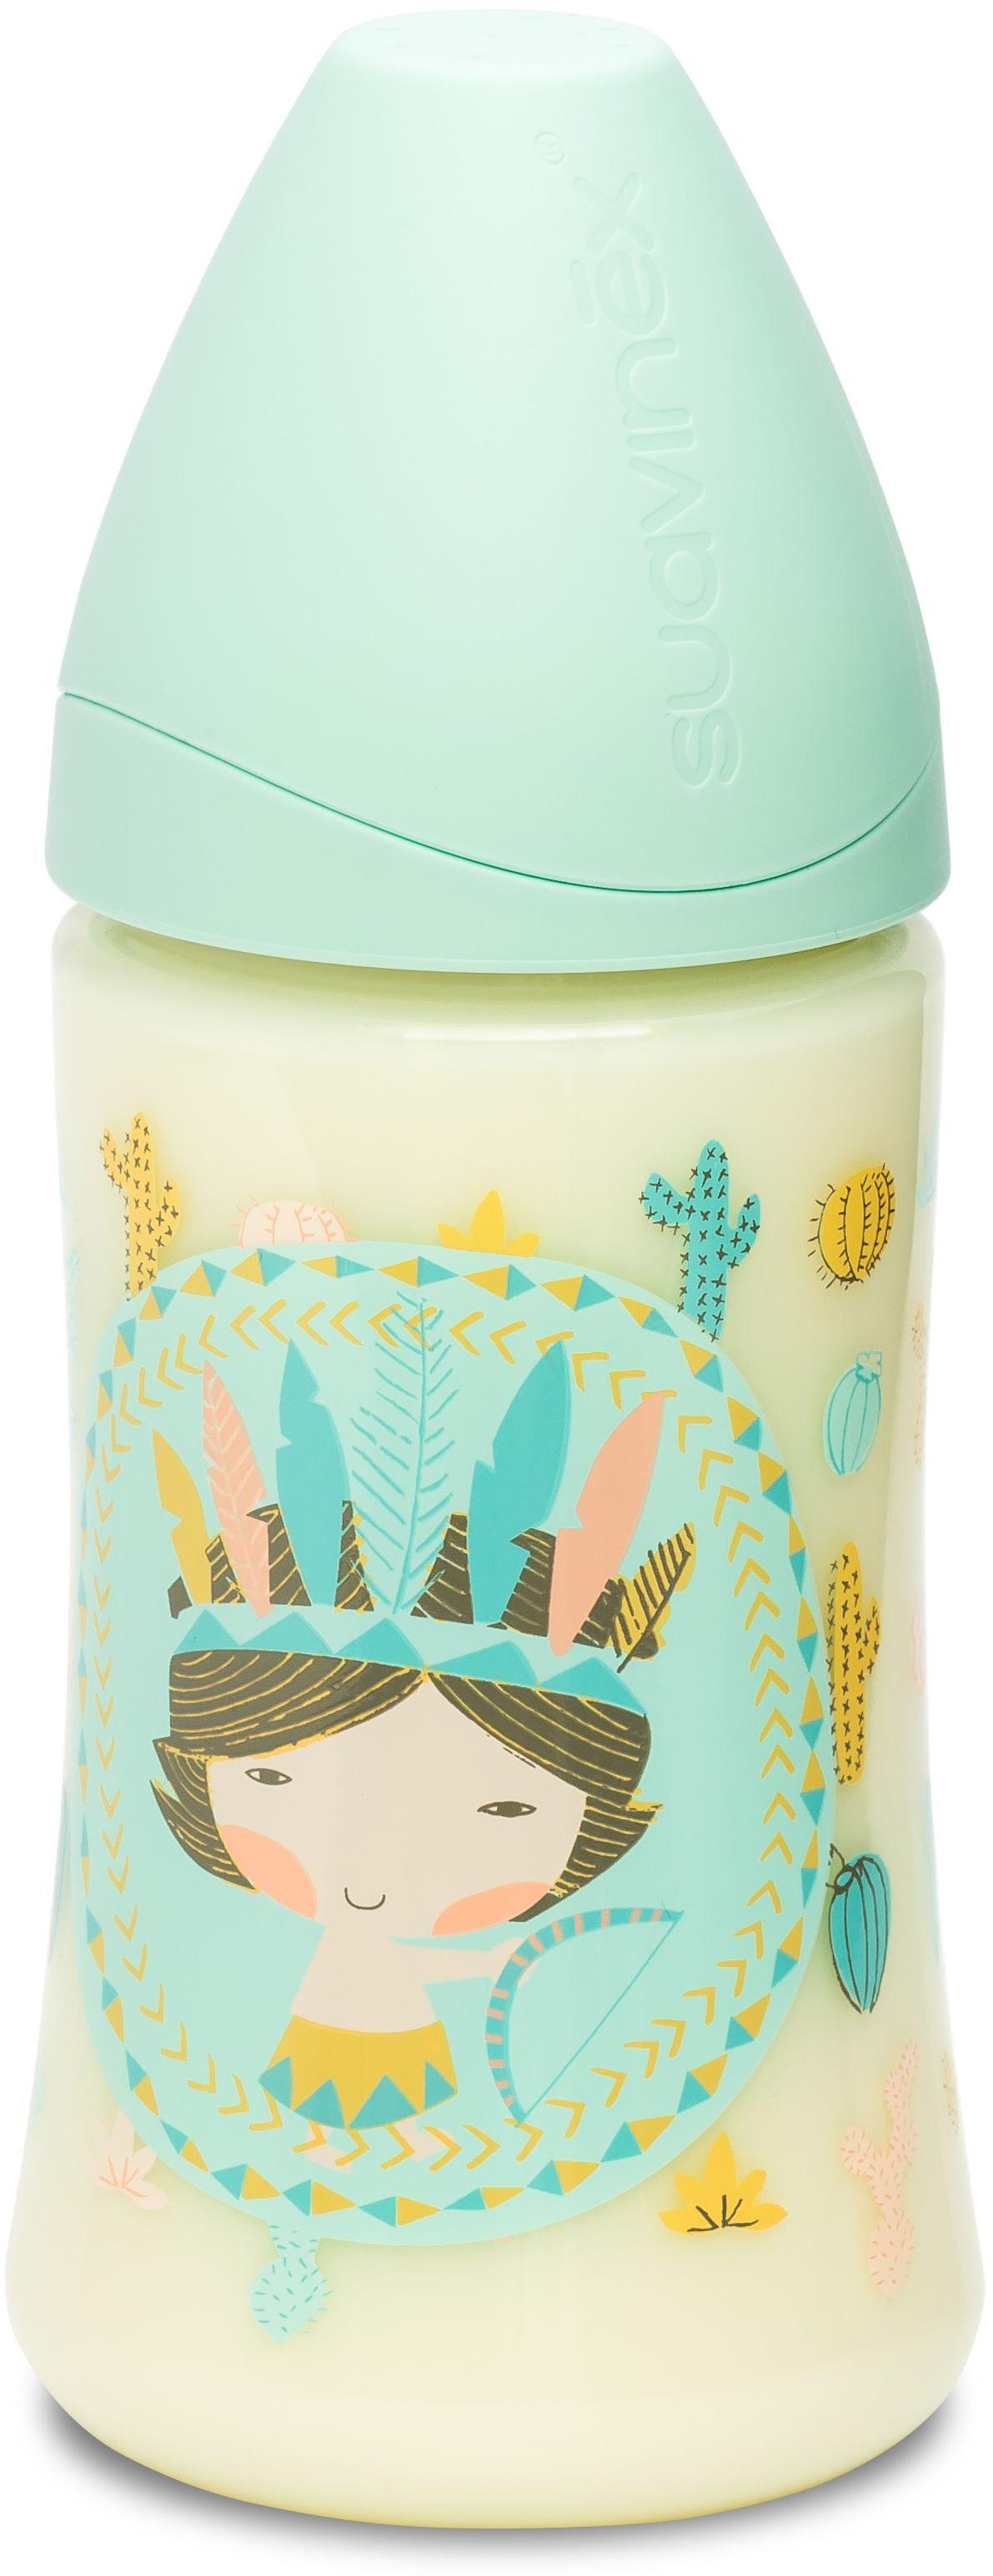 Suavinex Бутылочка от 0 месяцев с силиконовой соской цвет бирюзовый 270 мл цена